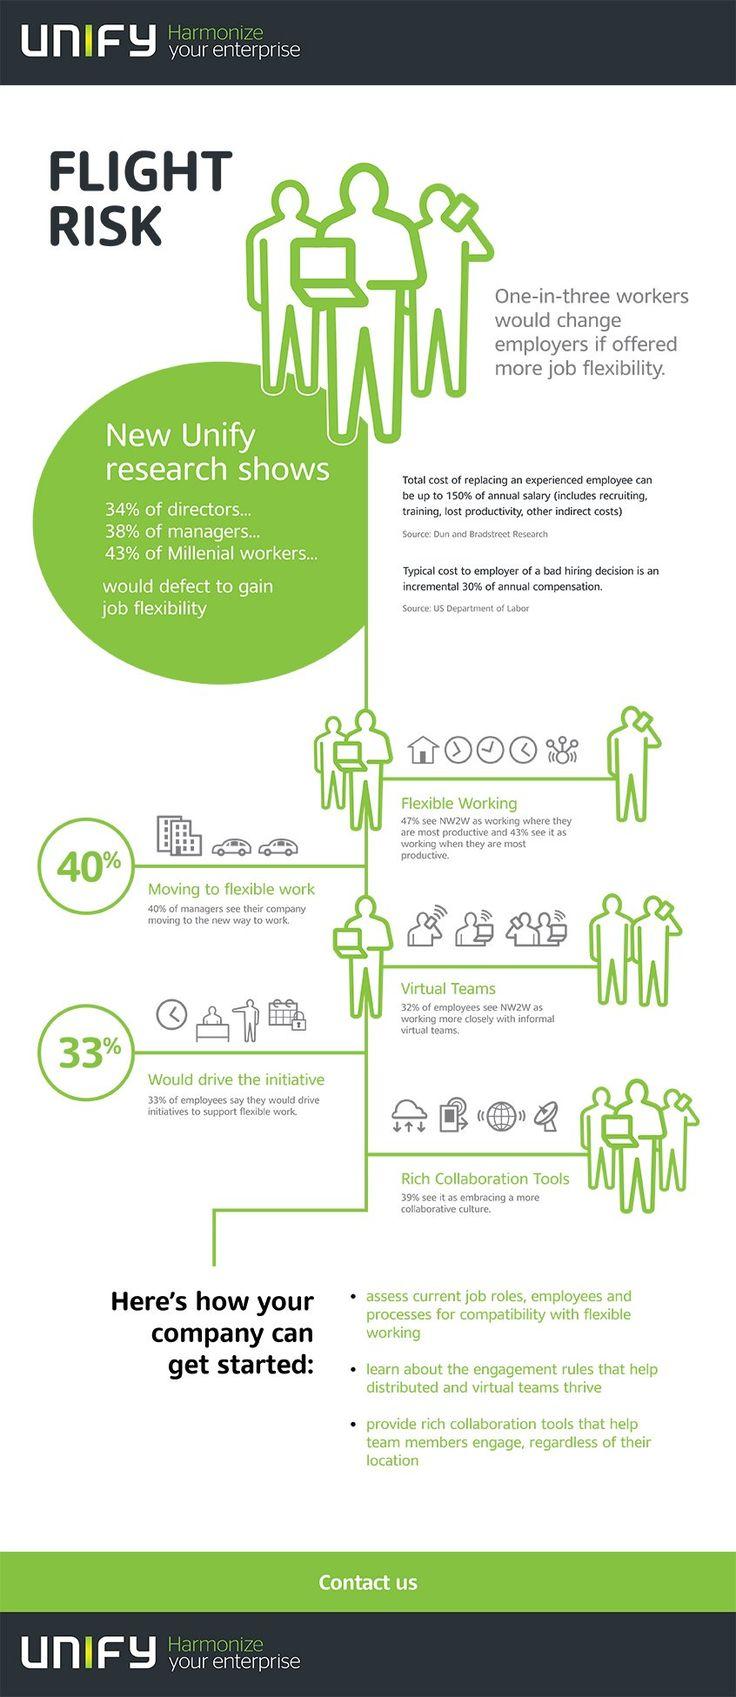 43% de los empleados preferiría gozar de mayor flexibilidad horaria antes que obtener un aumento salarial